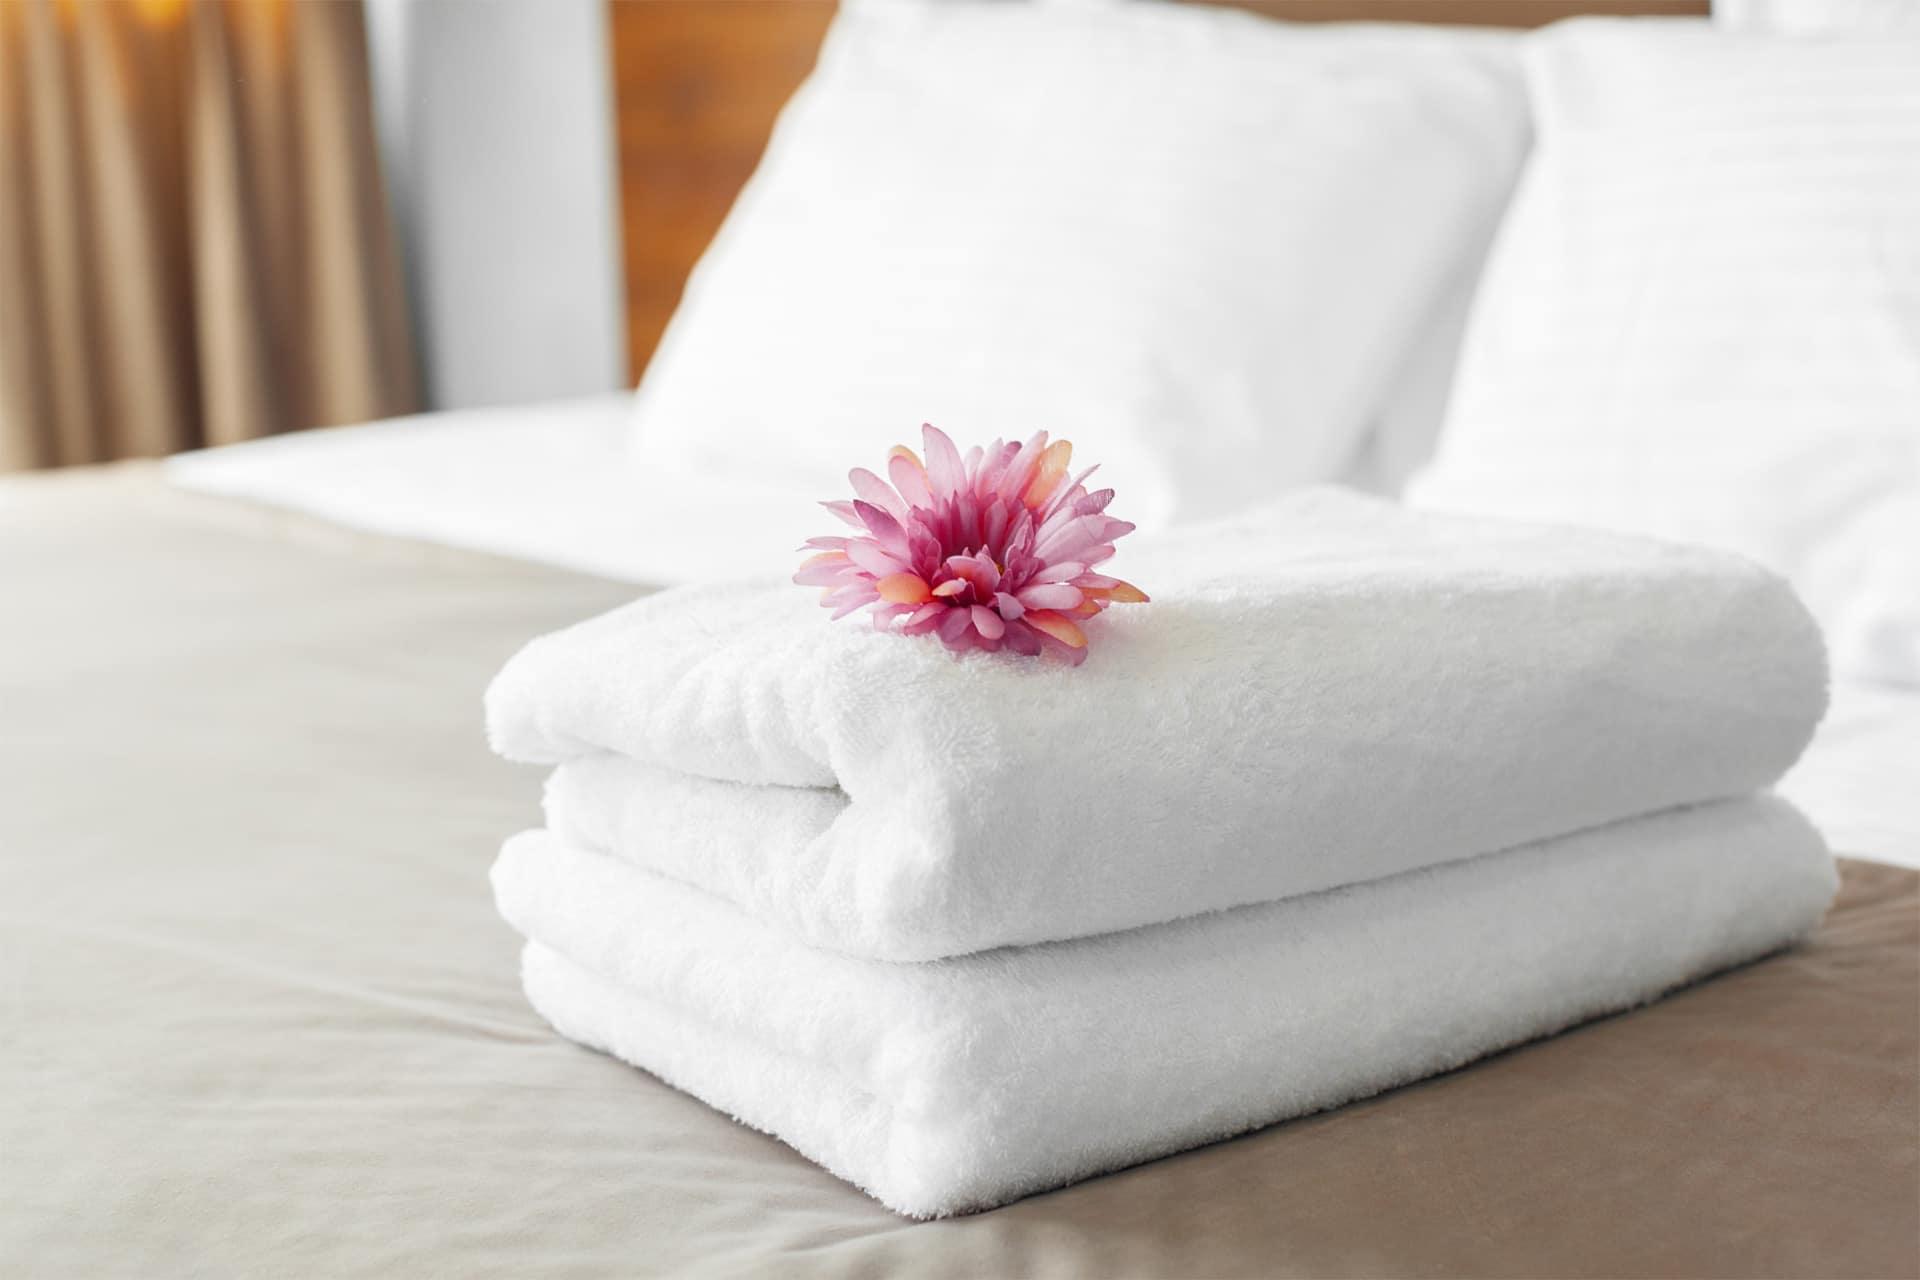 Ein Hotelbett mit weißen Handtüchern, die darauf liegen. Eine rosane Blume dient als dekoratives Element.